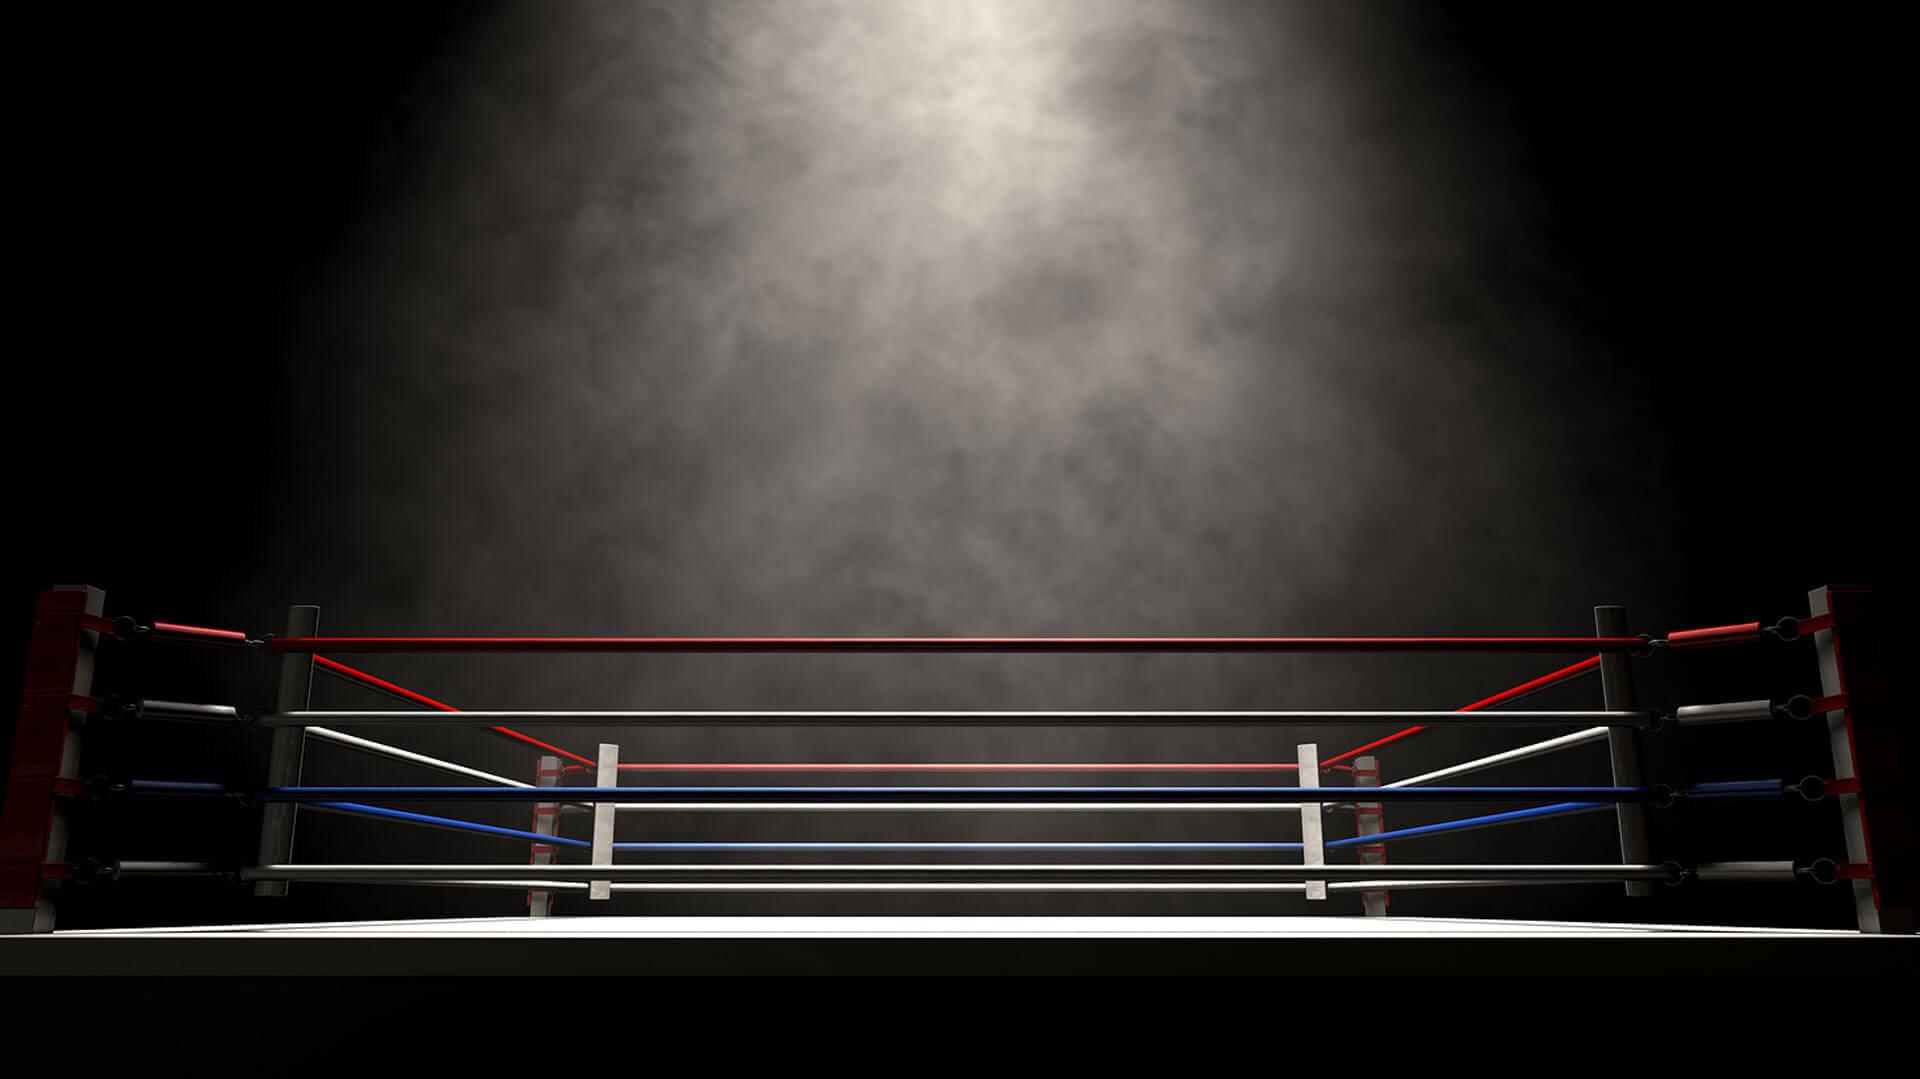 Boksering hvor Mike Tyson vs Jones Jr skal kjempe